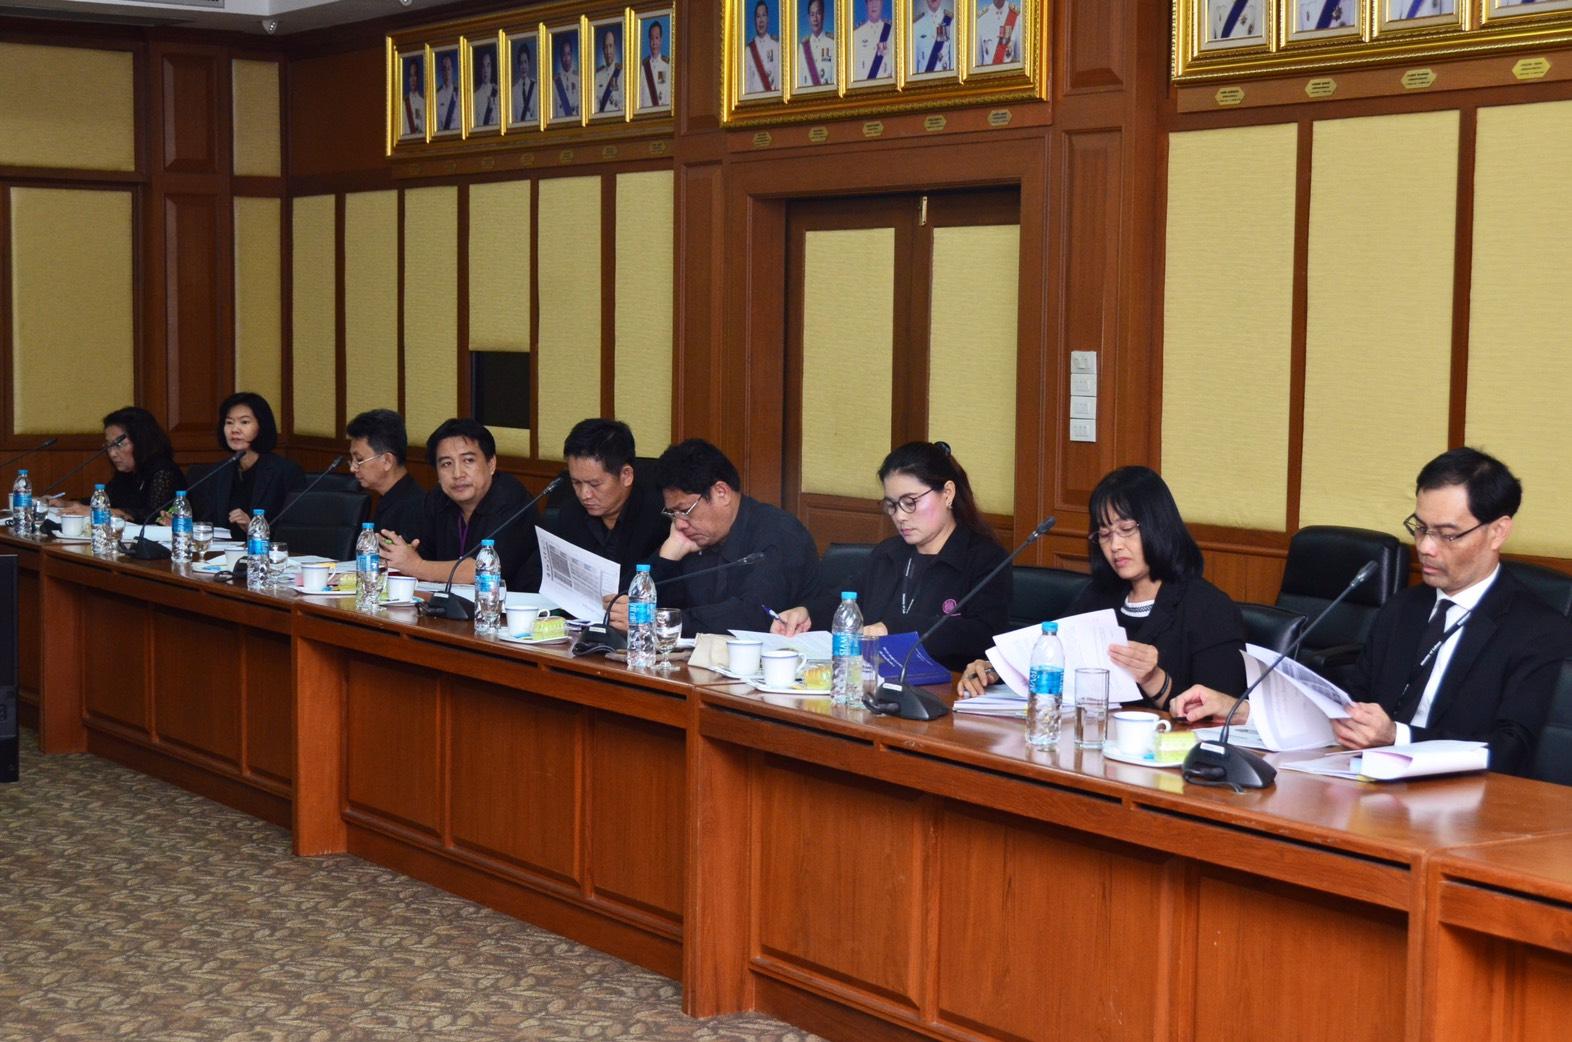 การประชุมรายงานความคืบหน้าการใช้งานระบบสารสนเทศศูนย์ทะเบียนคนหางาน (Labour Bank) เพื่อคนหางานไปทำงานต่างประเทศ ณ ห้องประชุมเทียน อัชกุล ชั้น 10 กรมการจัดหางาน